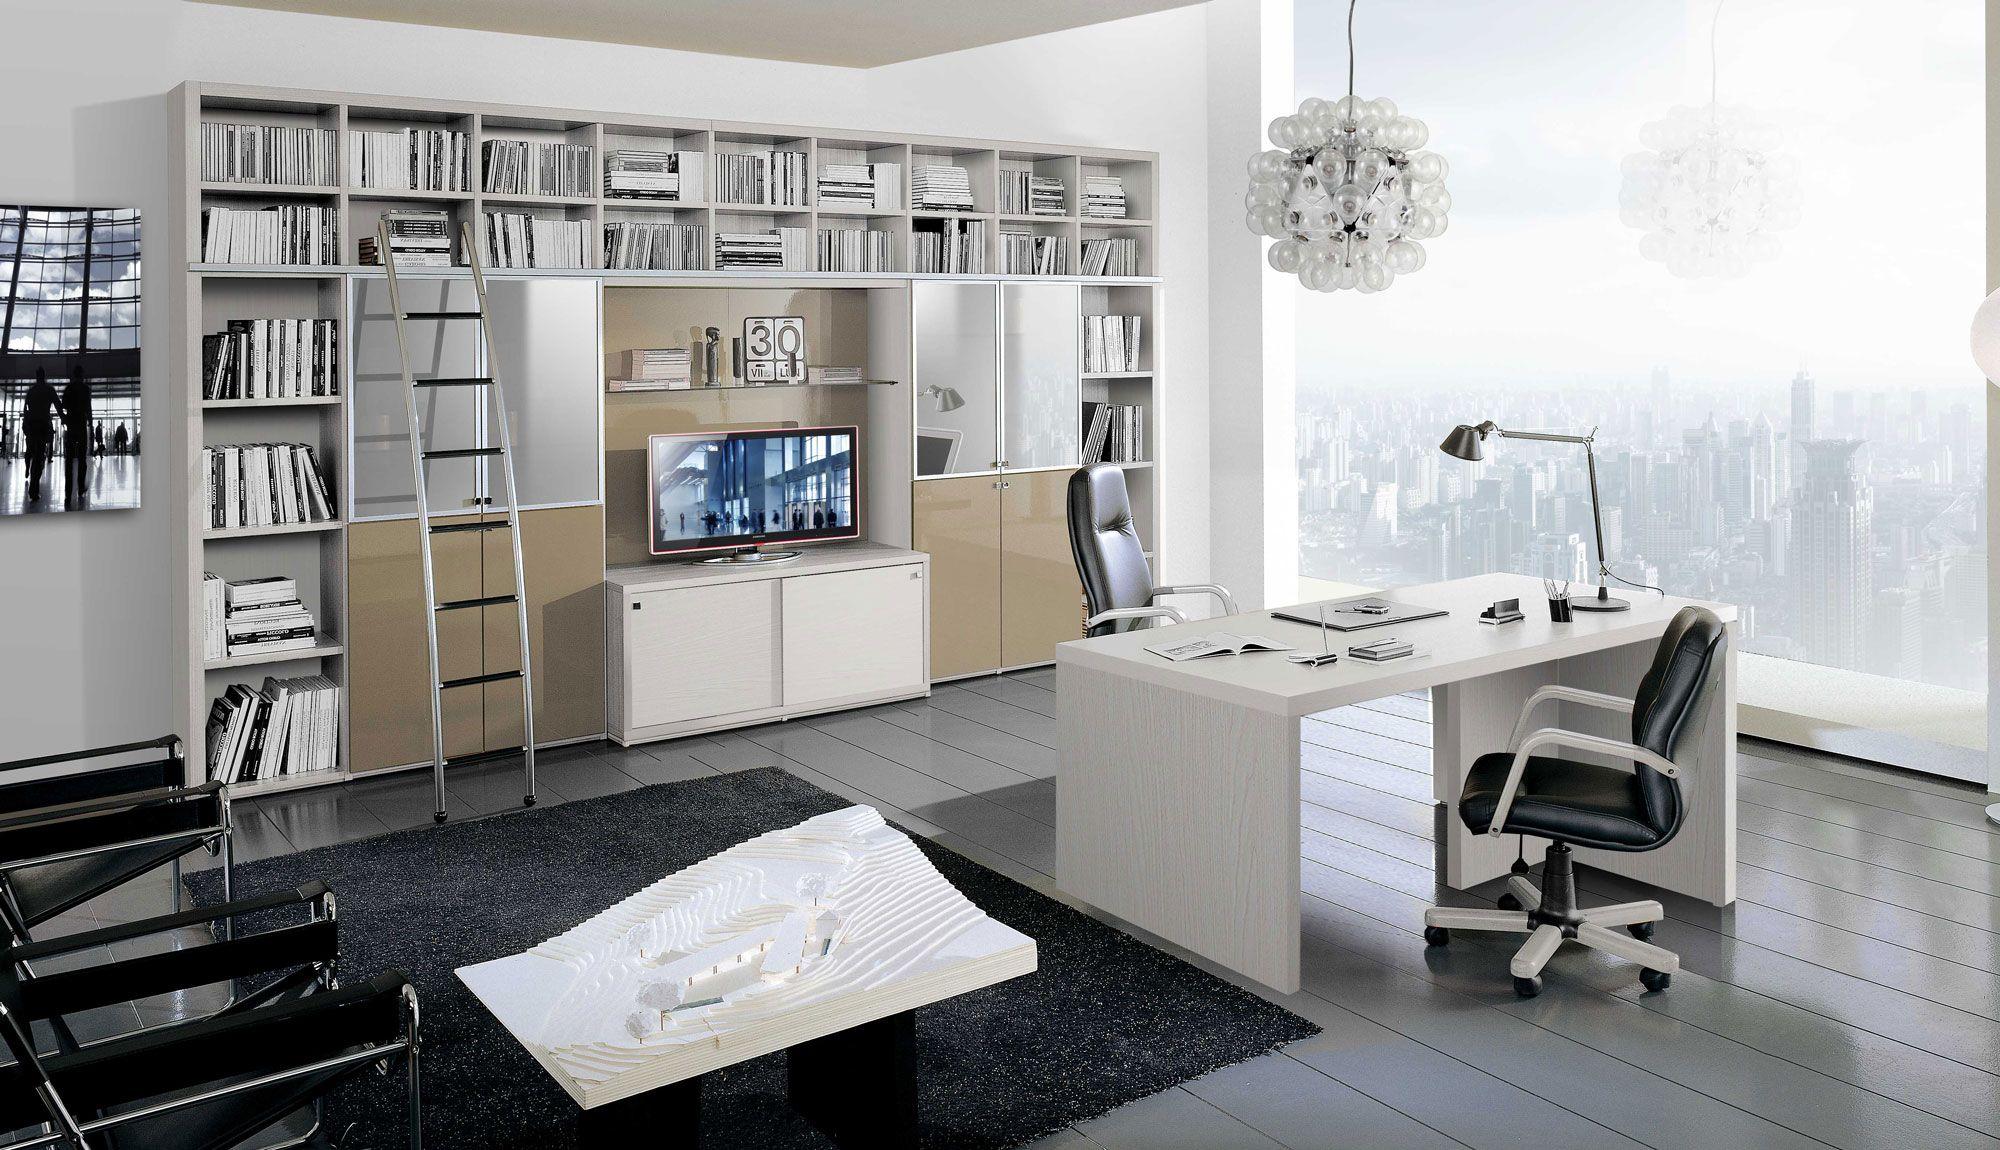 Mobili Per Ufficio Veneto : Non solo ikea le alternative per un arredamento di design low